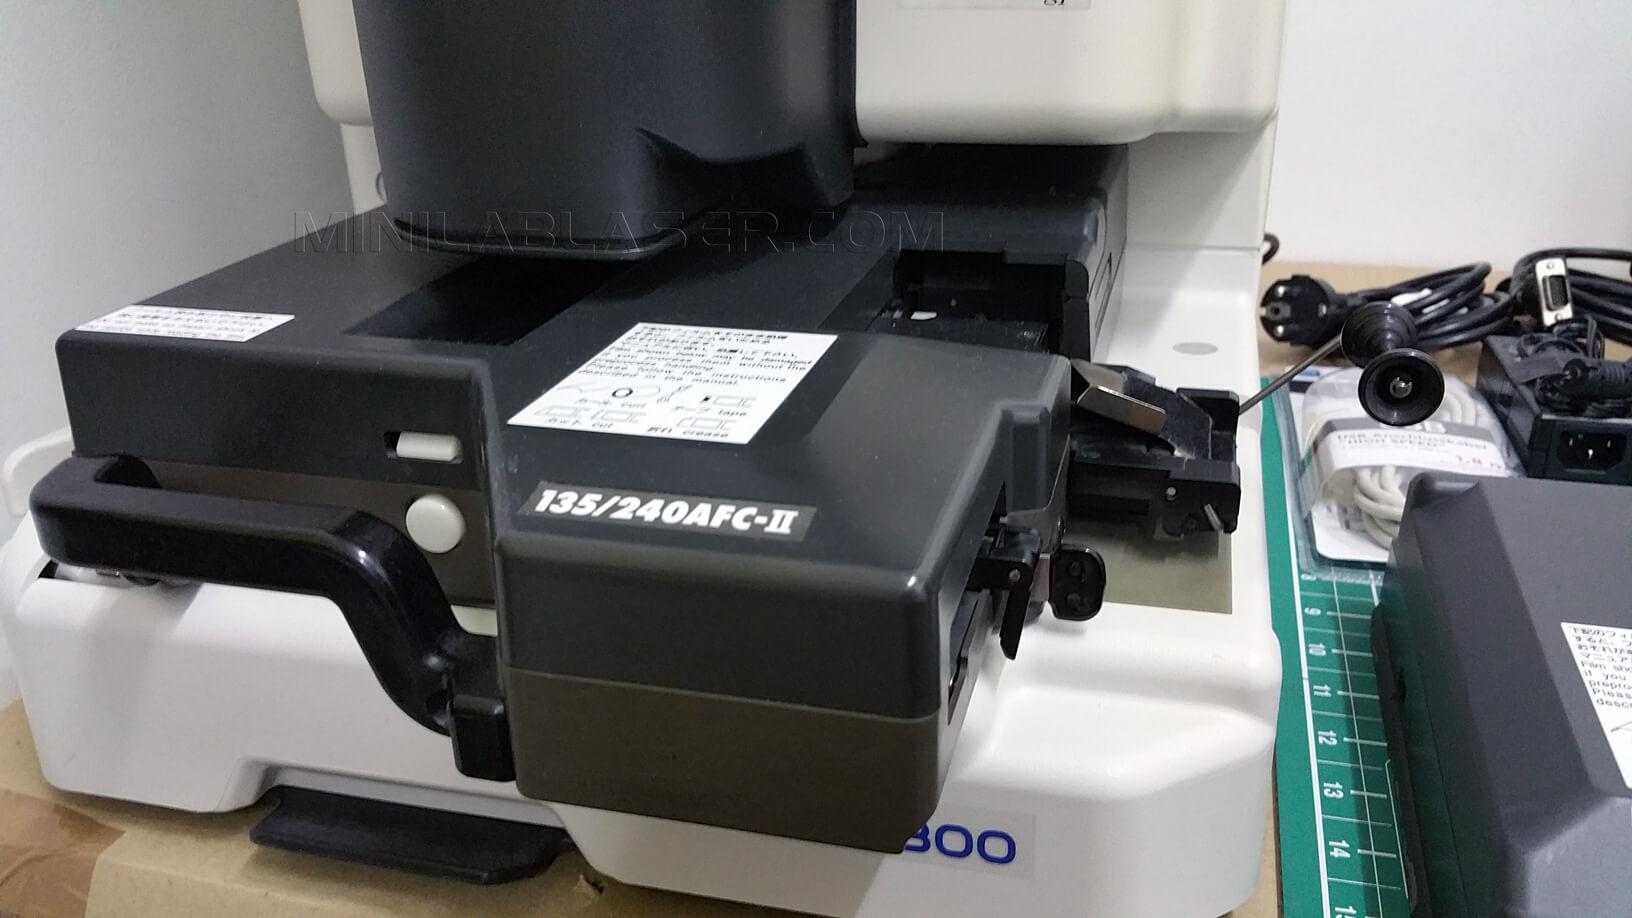 noritsu hs1800 film scanner for sale on minilablaser.com